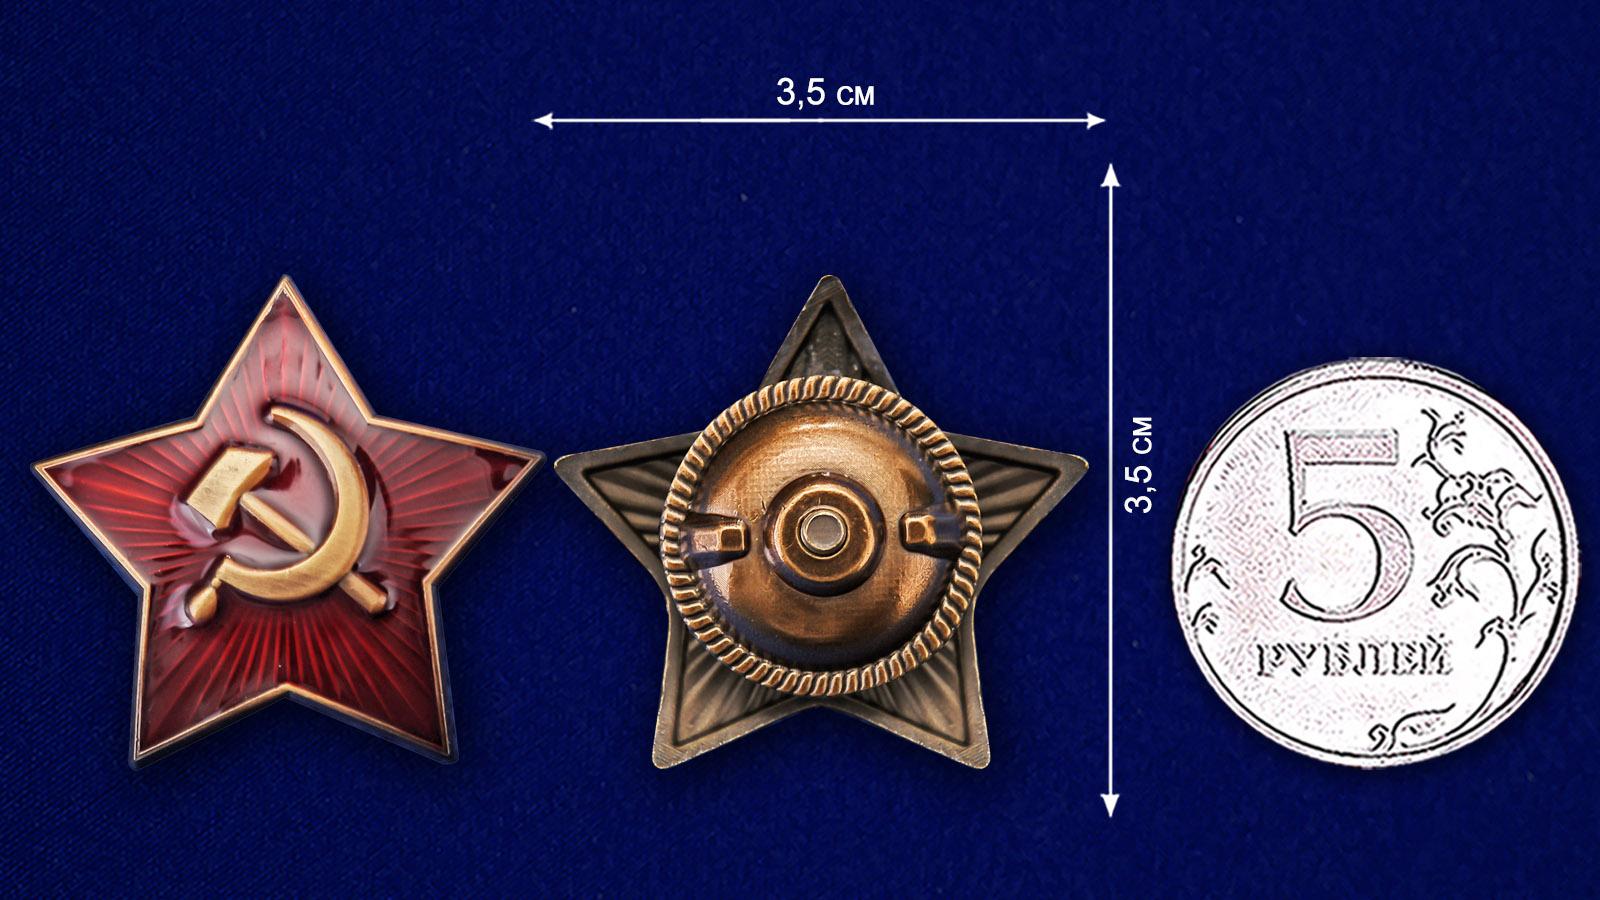 Латунная звезда кокарда РККА 1922 г. - сравнительный вид